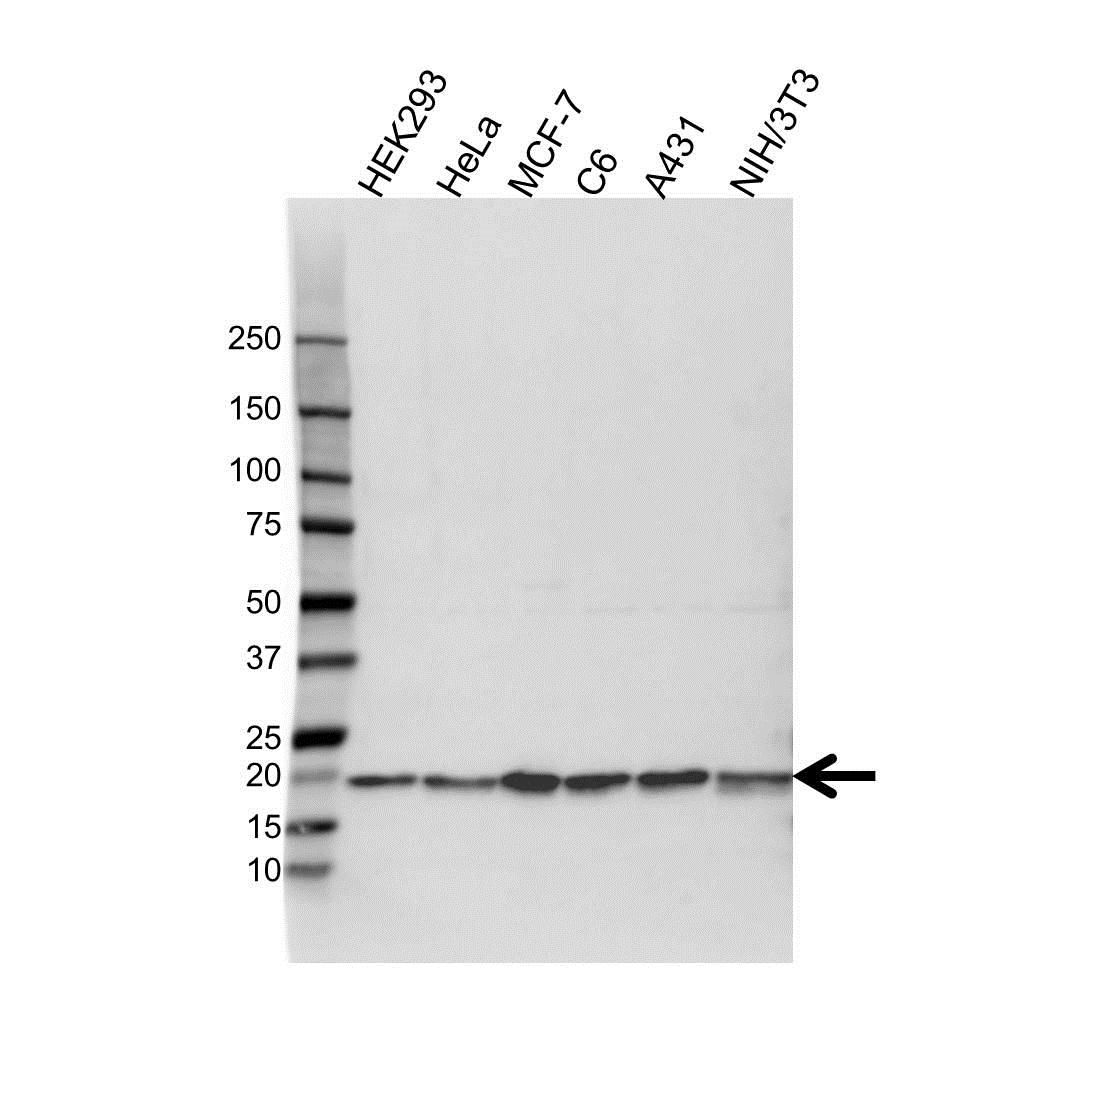 Anti Cofilin 1 Antibody (PrecisionAb™ Polyclonal Antibody) gallery image 1